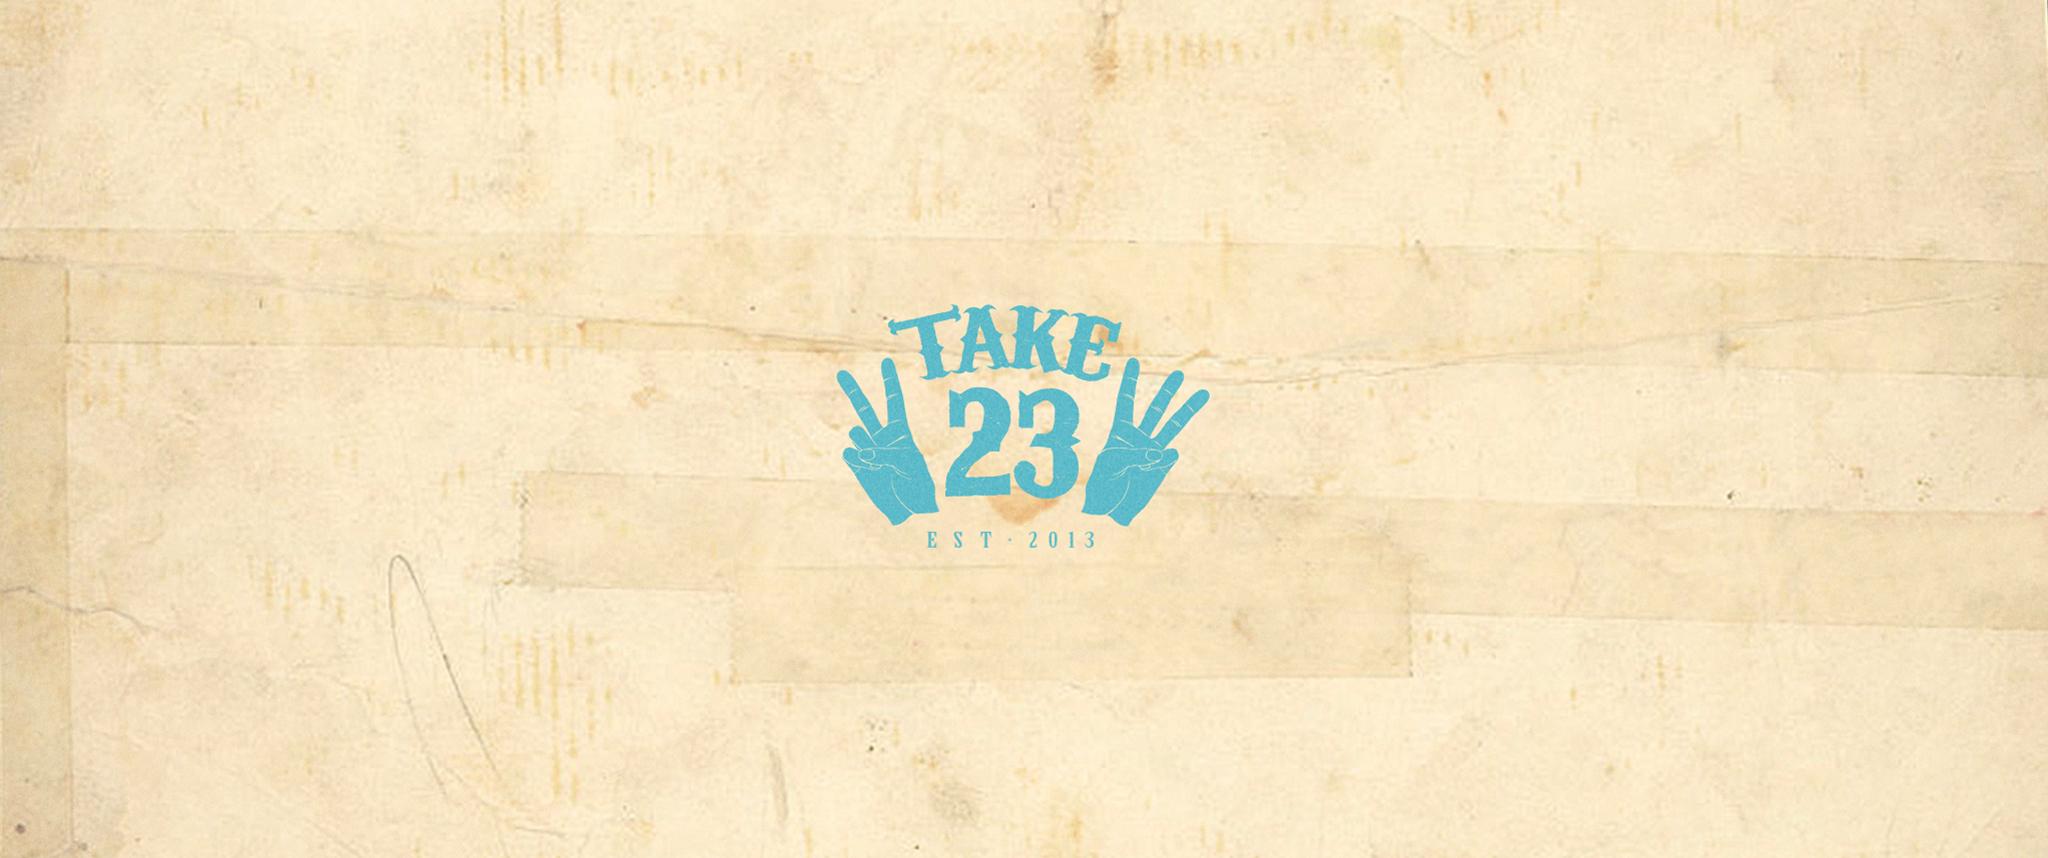 Pop! [ Take 23 ]